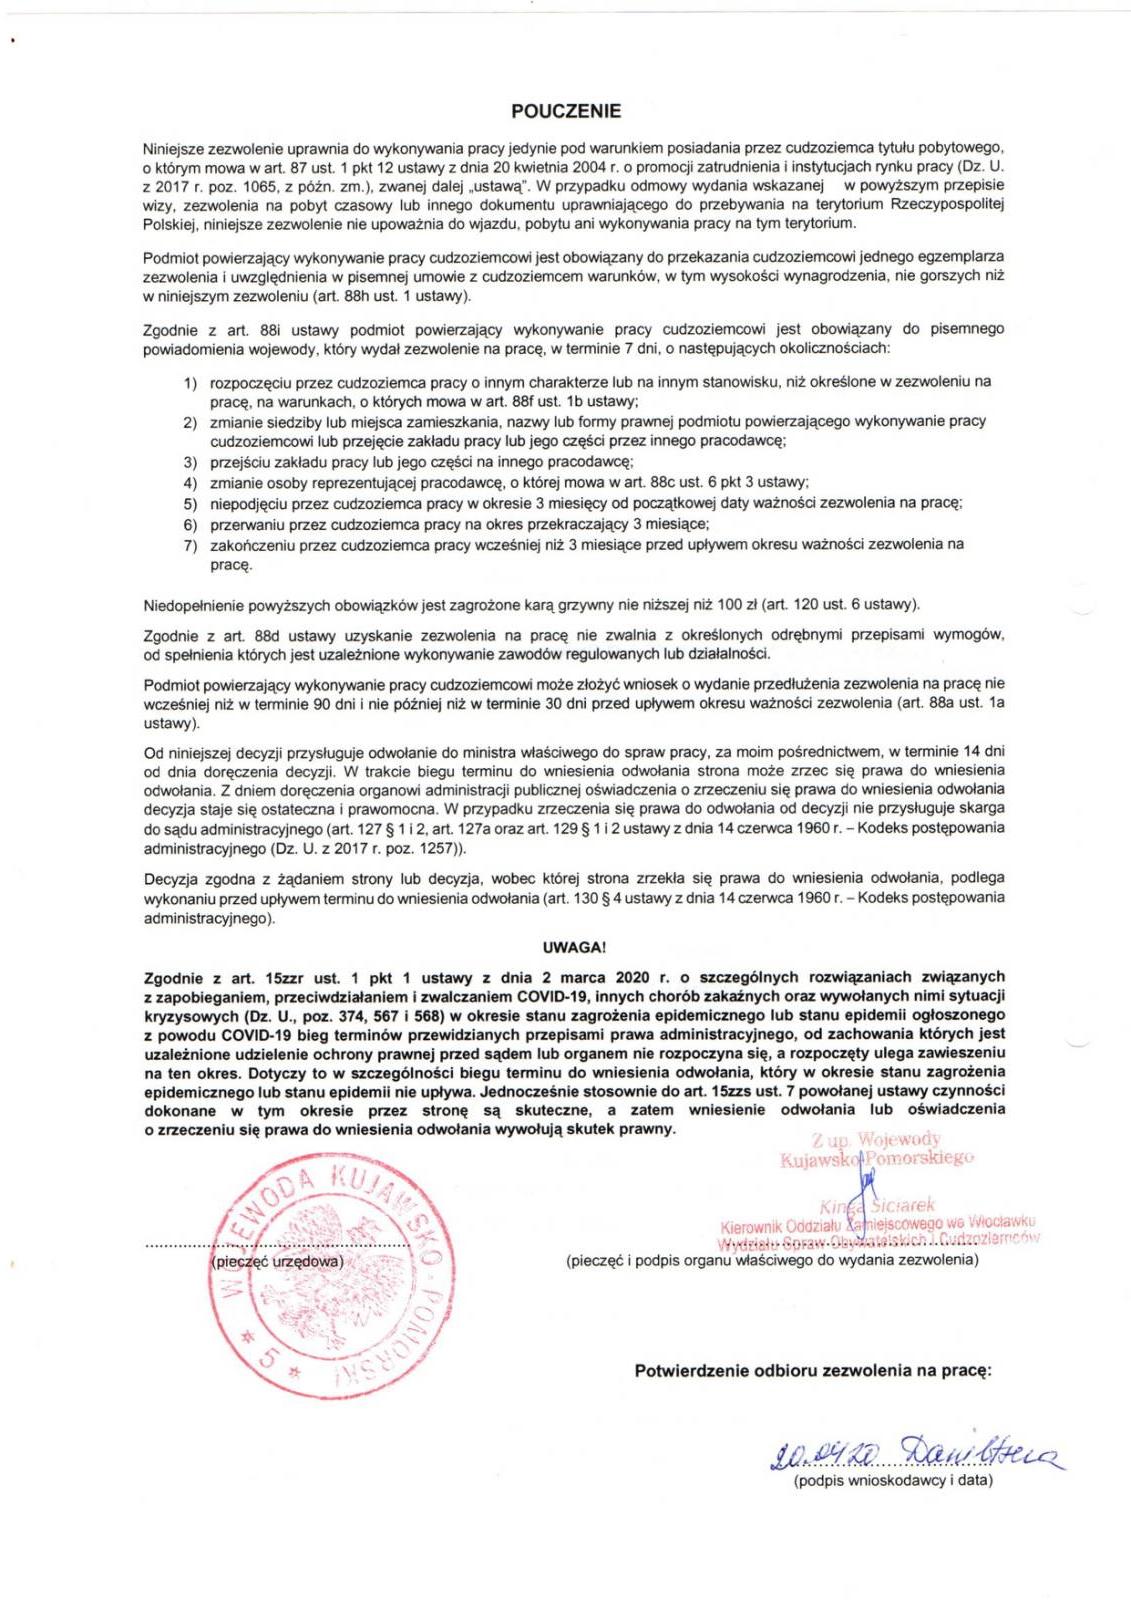 Робоча віза в Польщу на запрошення від воєводи